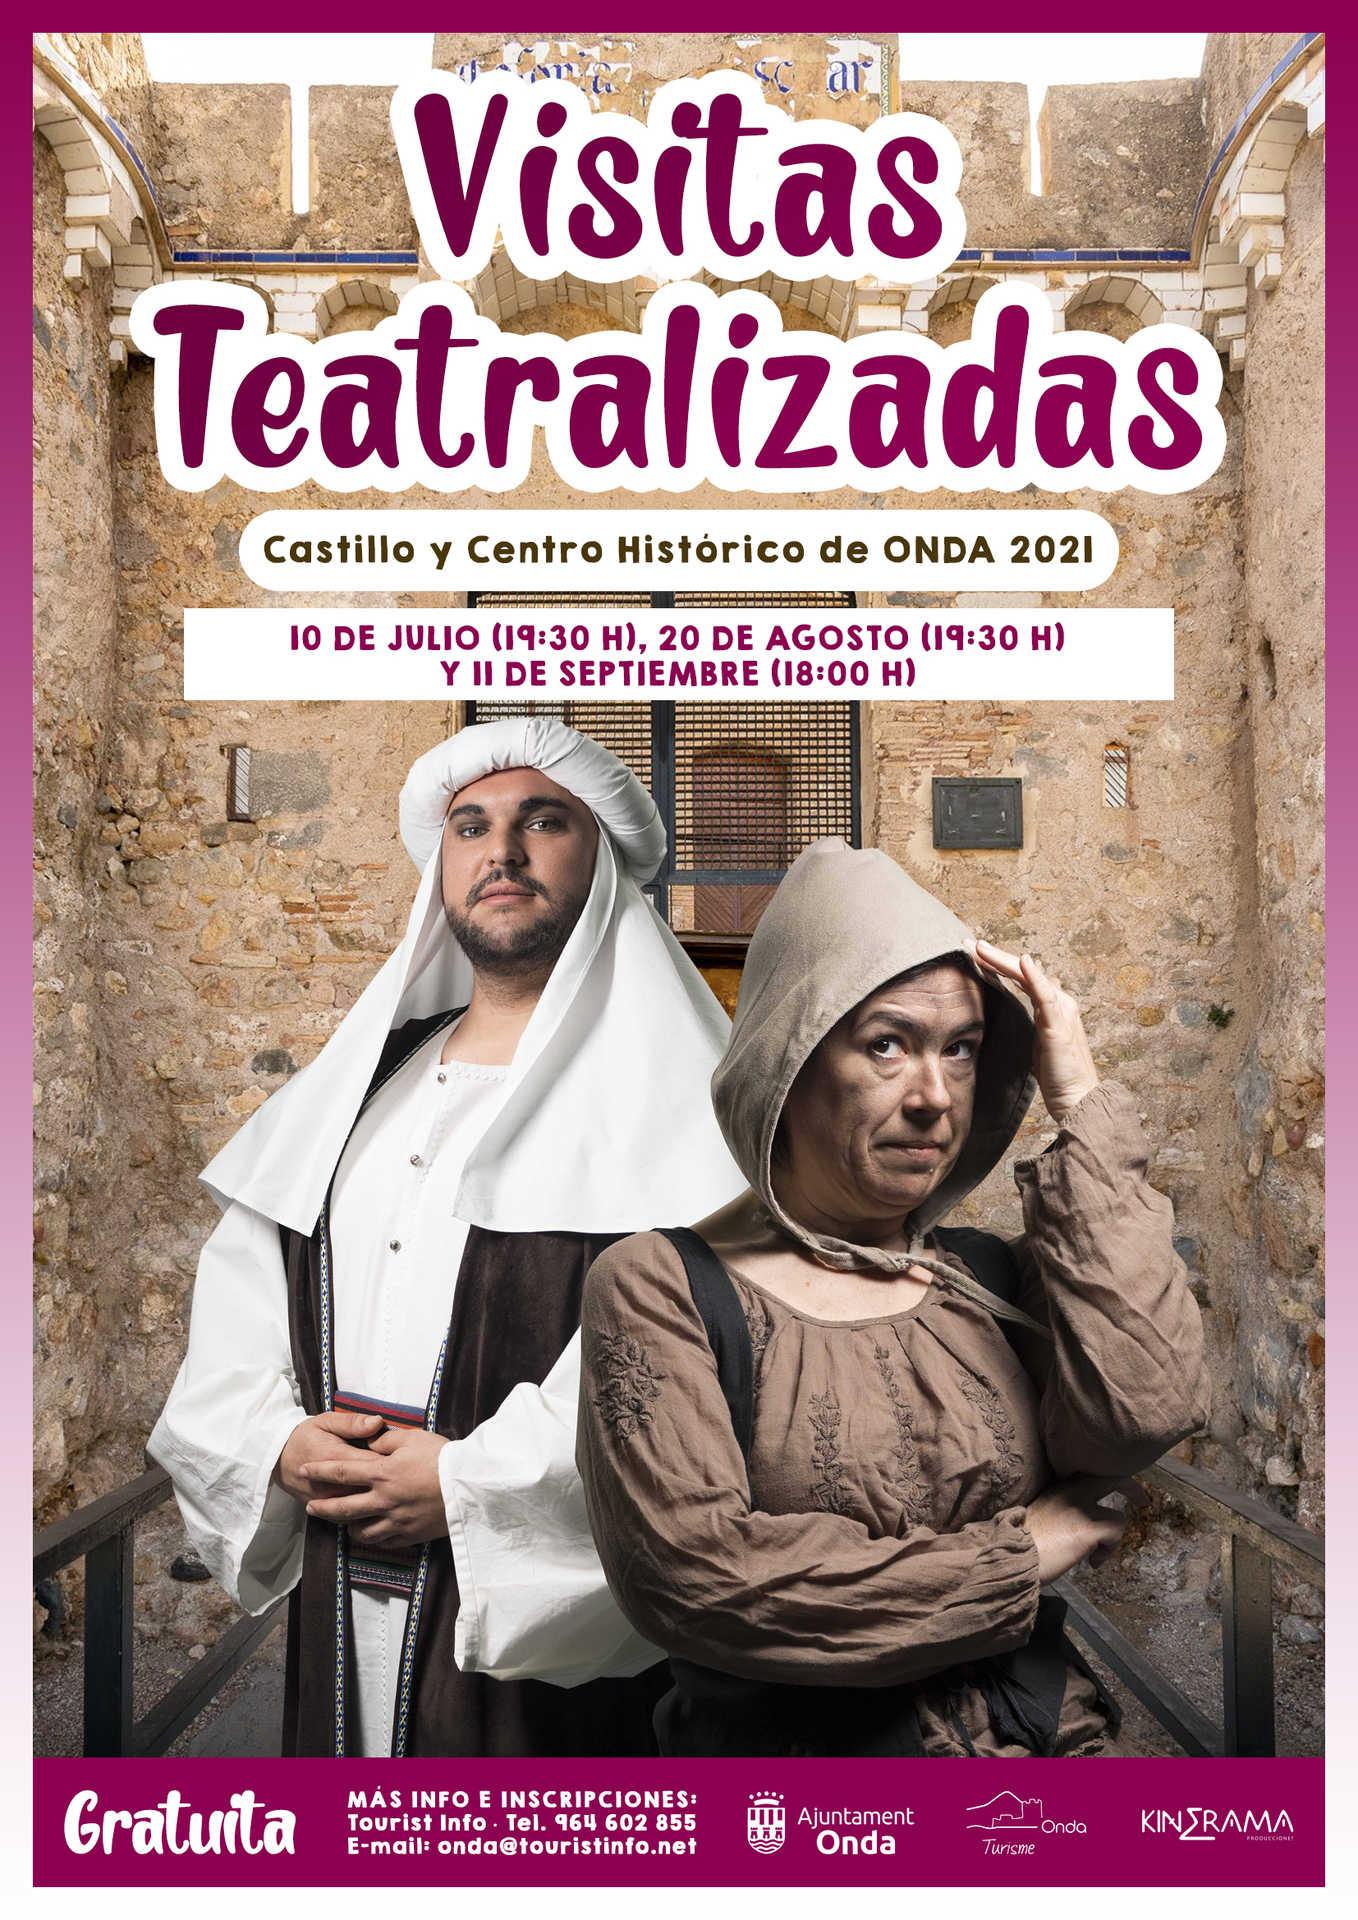 VISITAS TEATRALIZADAS VERANO 2021 EN ONDA